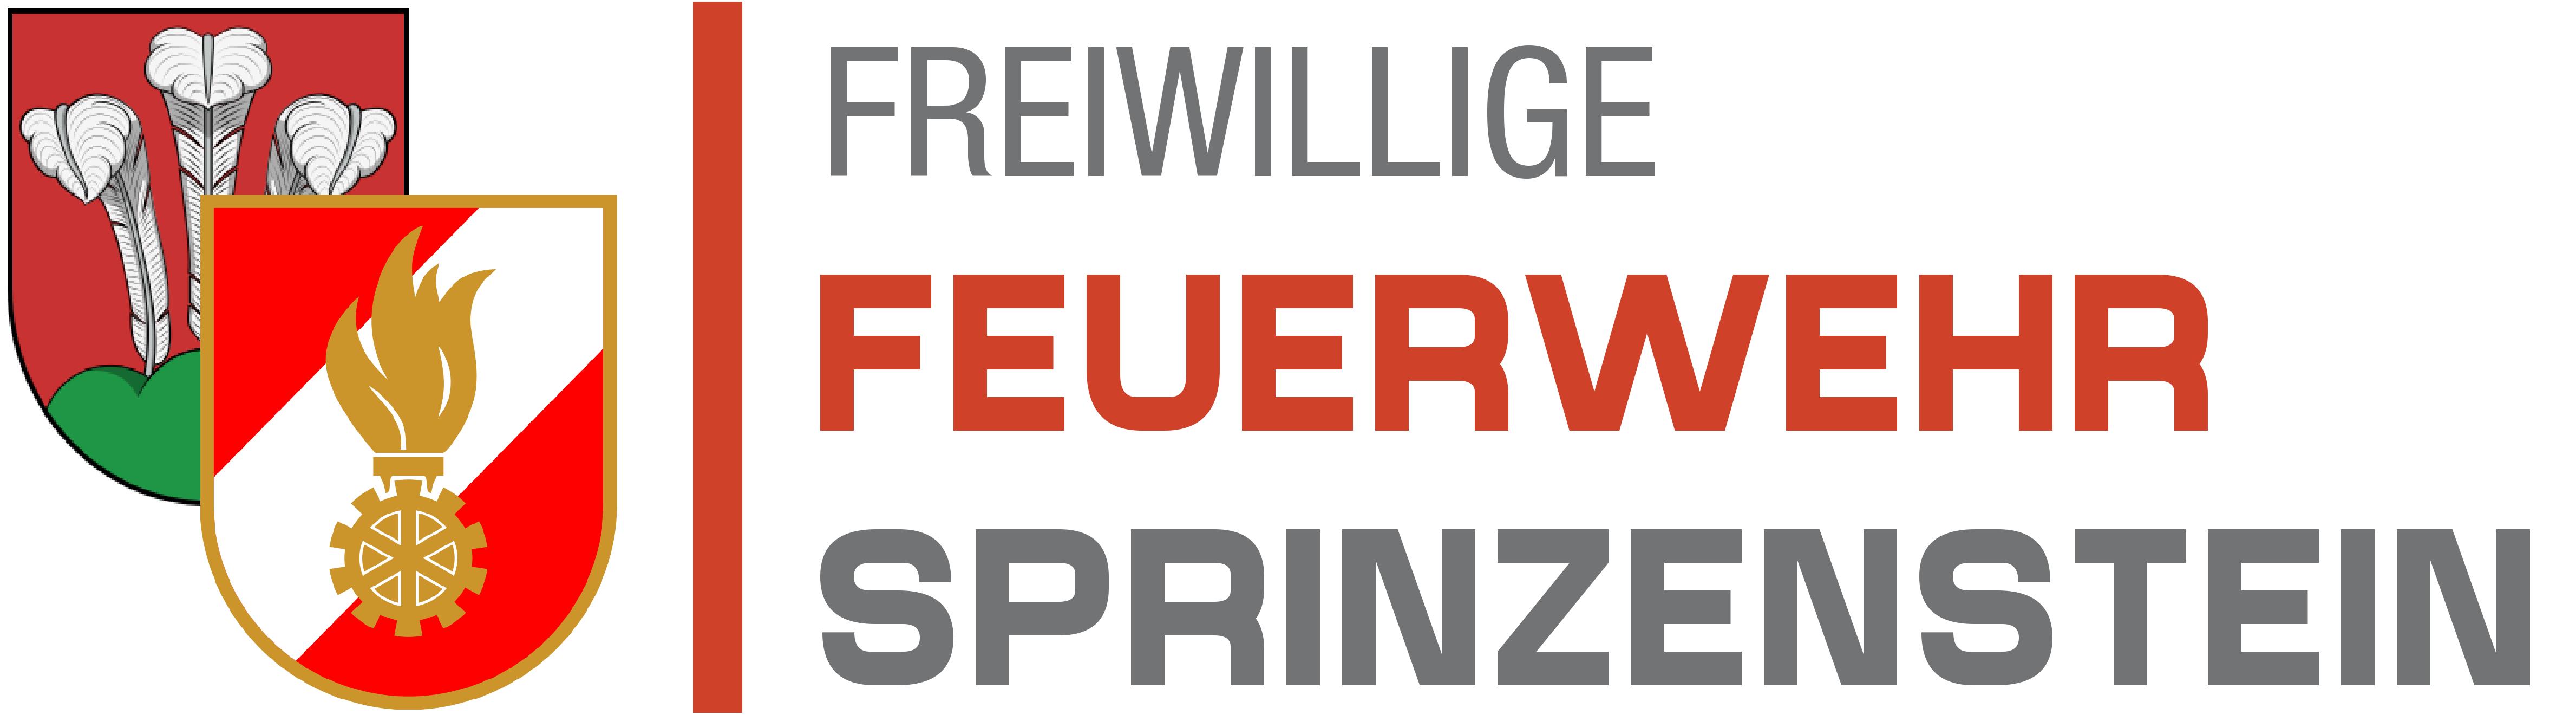 logo_ff_sprinzenstein_gross